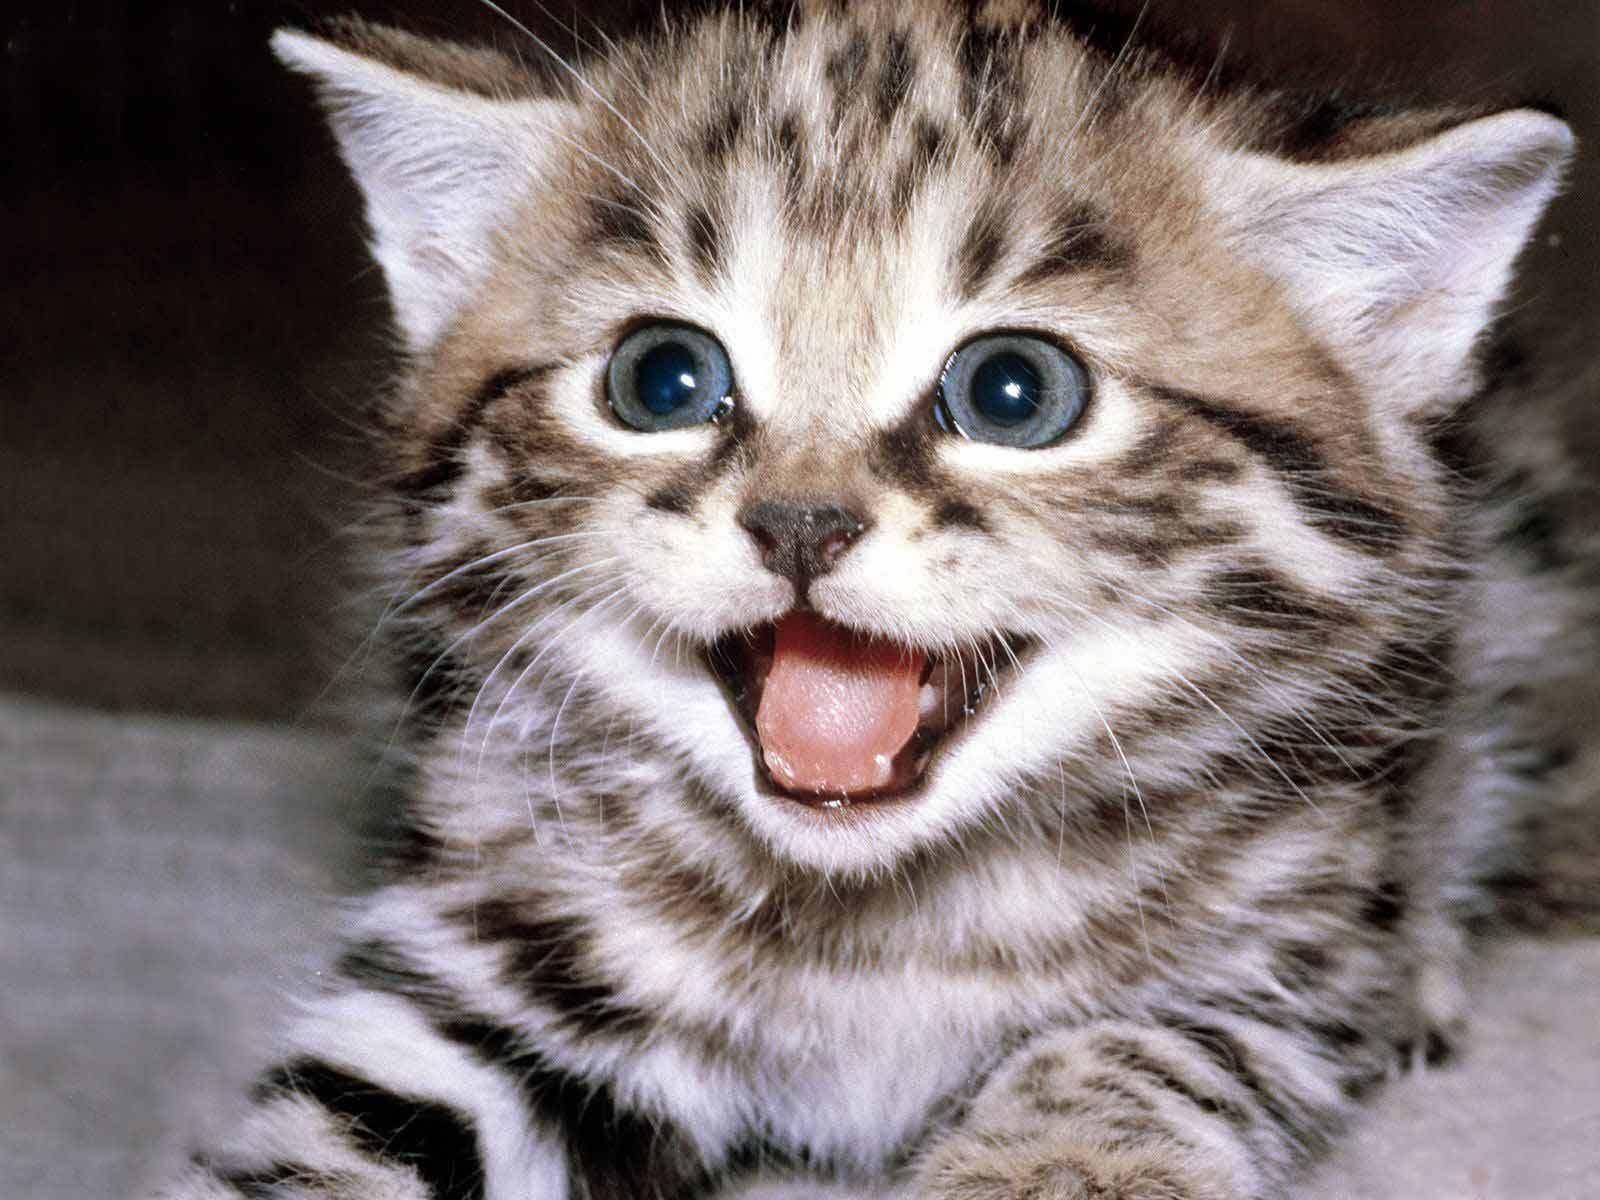 Cute kittens 1600 1200